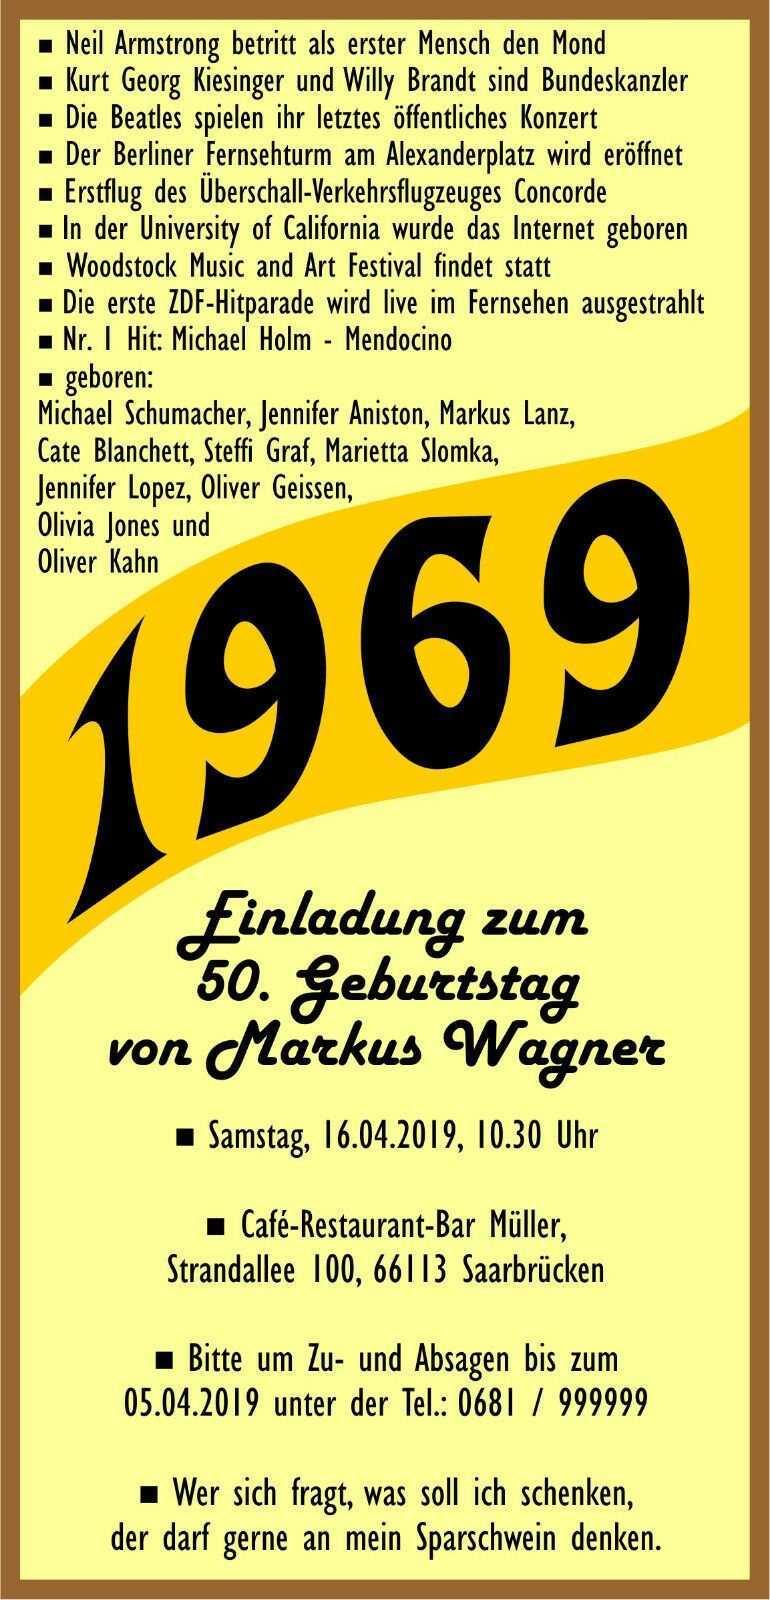 Einladungskarten Einladungen 50 Geburtstag 1969 Originell Jahreszahl Ebay Einladung 50 Geburtstag Einladung Geburtstag Geburtstageinladung